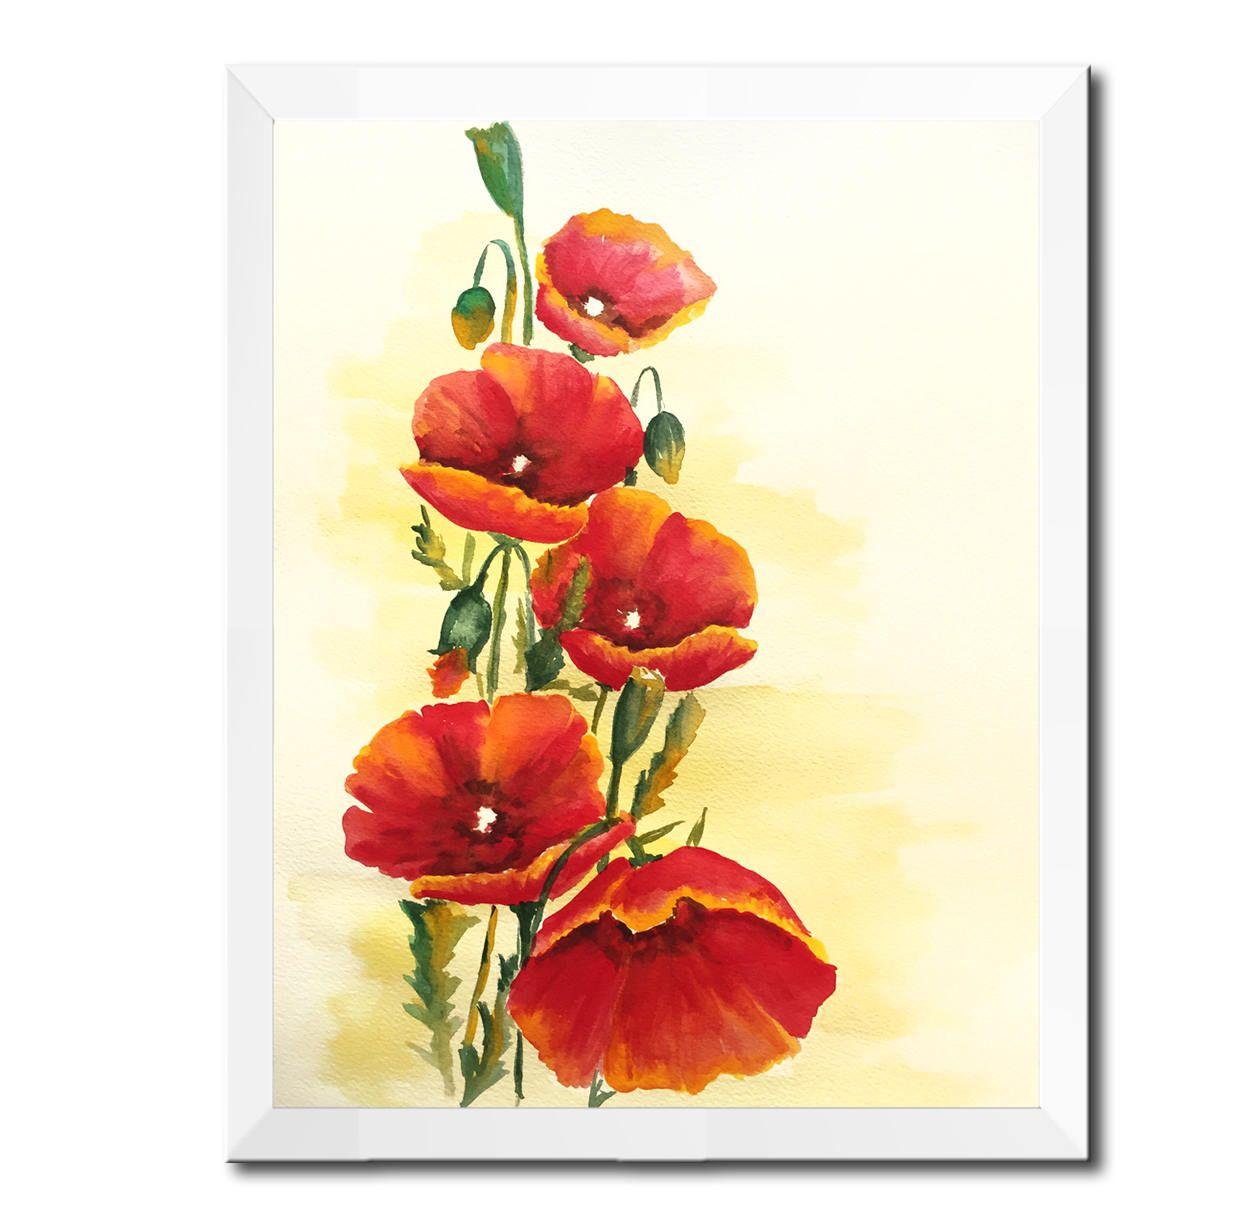 acquerello pittura originale, acquerello astratto, arte parete ...